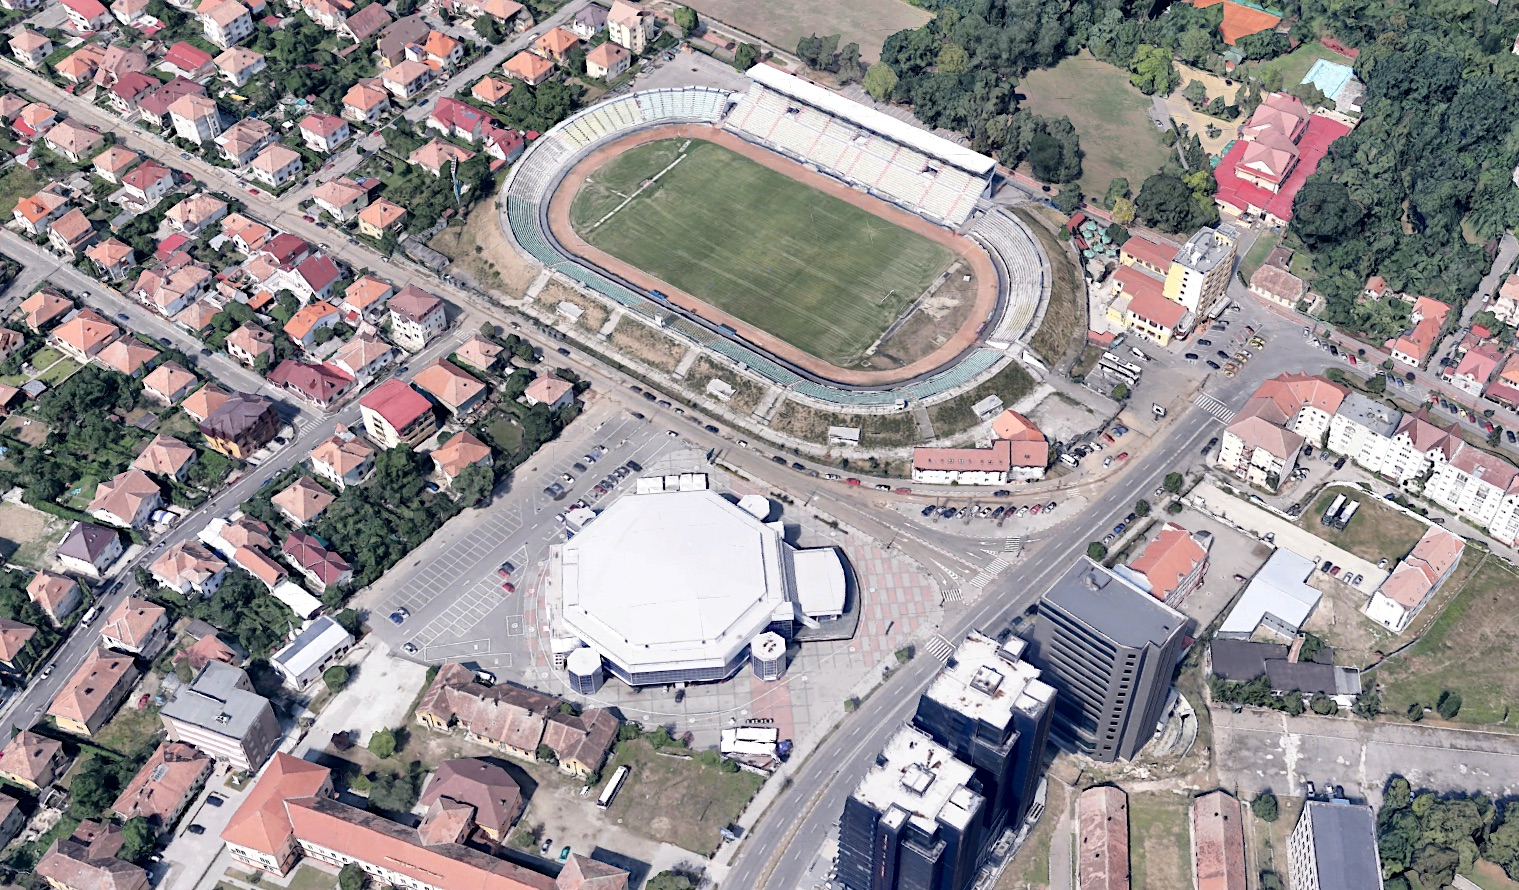 CJ și Primăria vor să coboare traficul auto în subteran între Stadion și Sala Transilvania